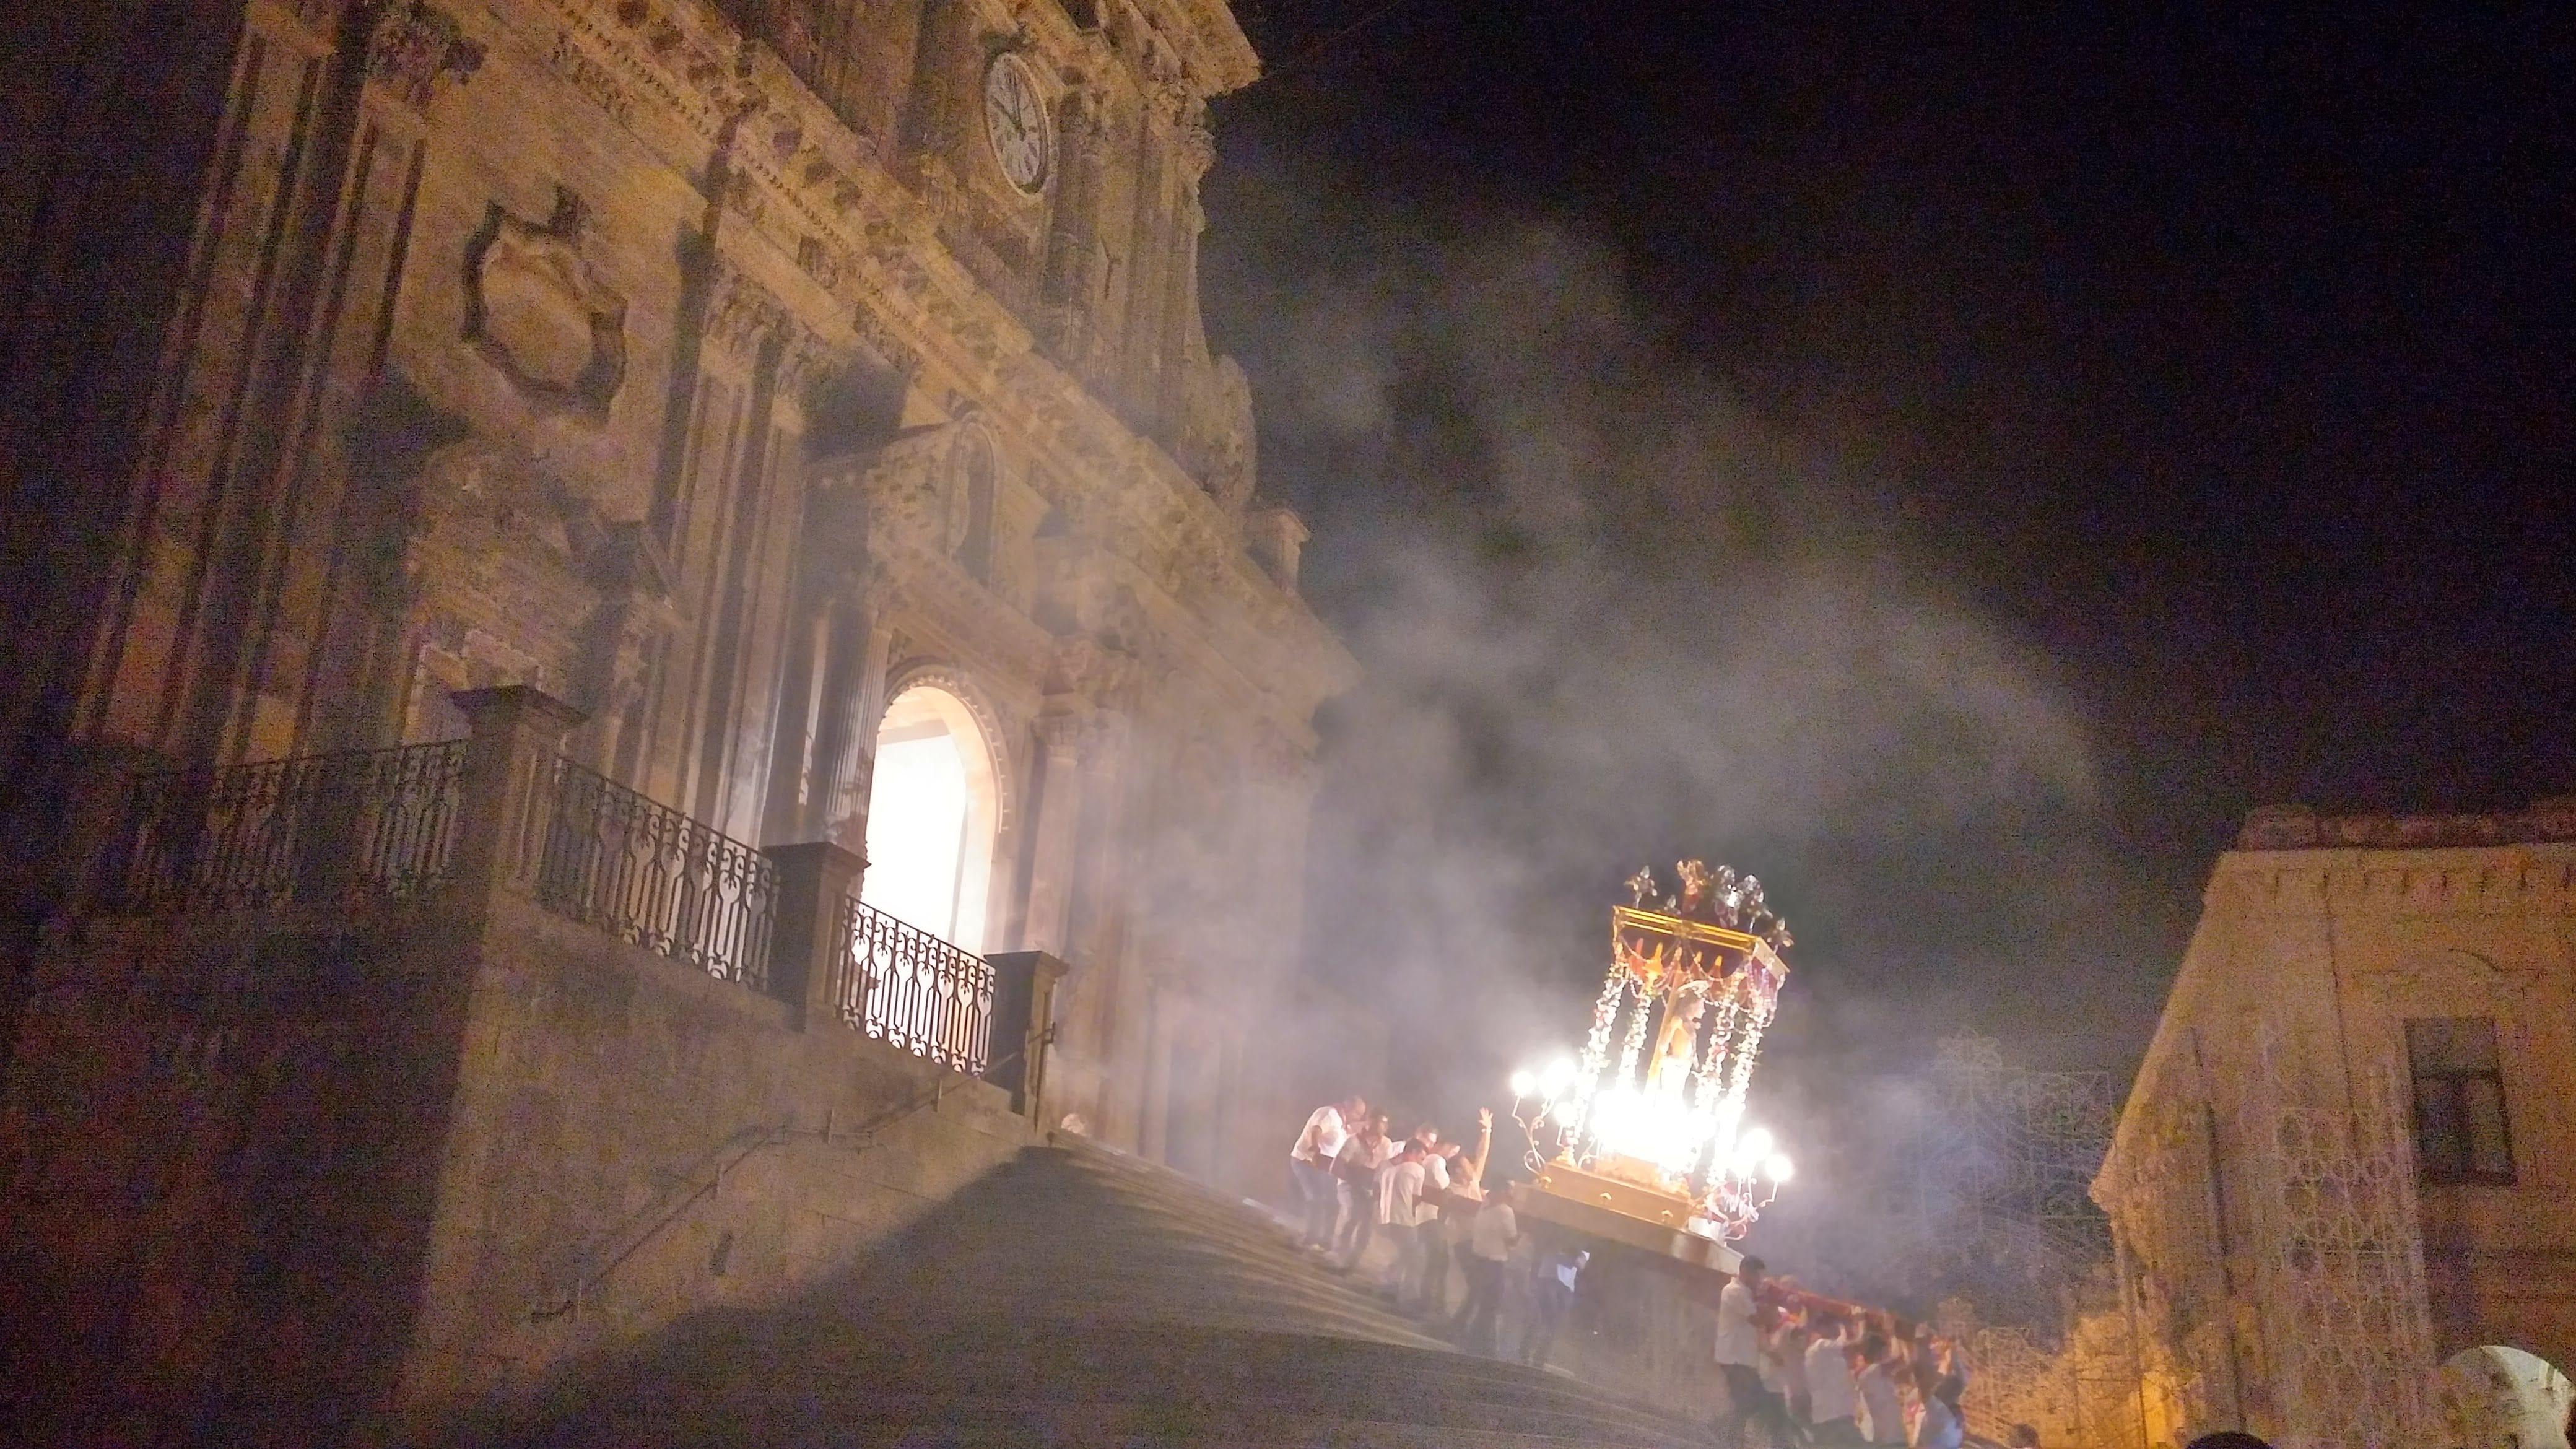 palazzolo acreide chiesa san sebastiano festa del paese